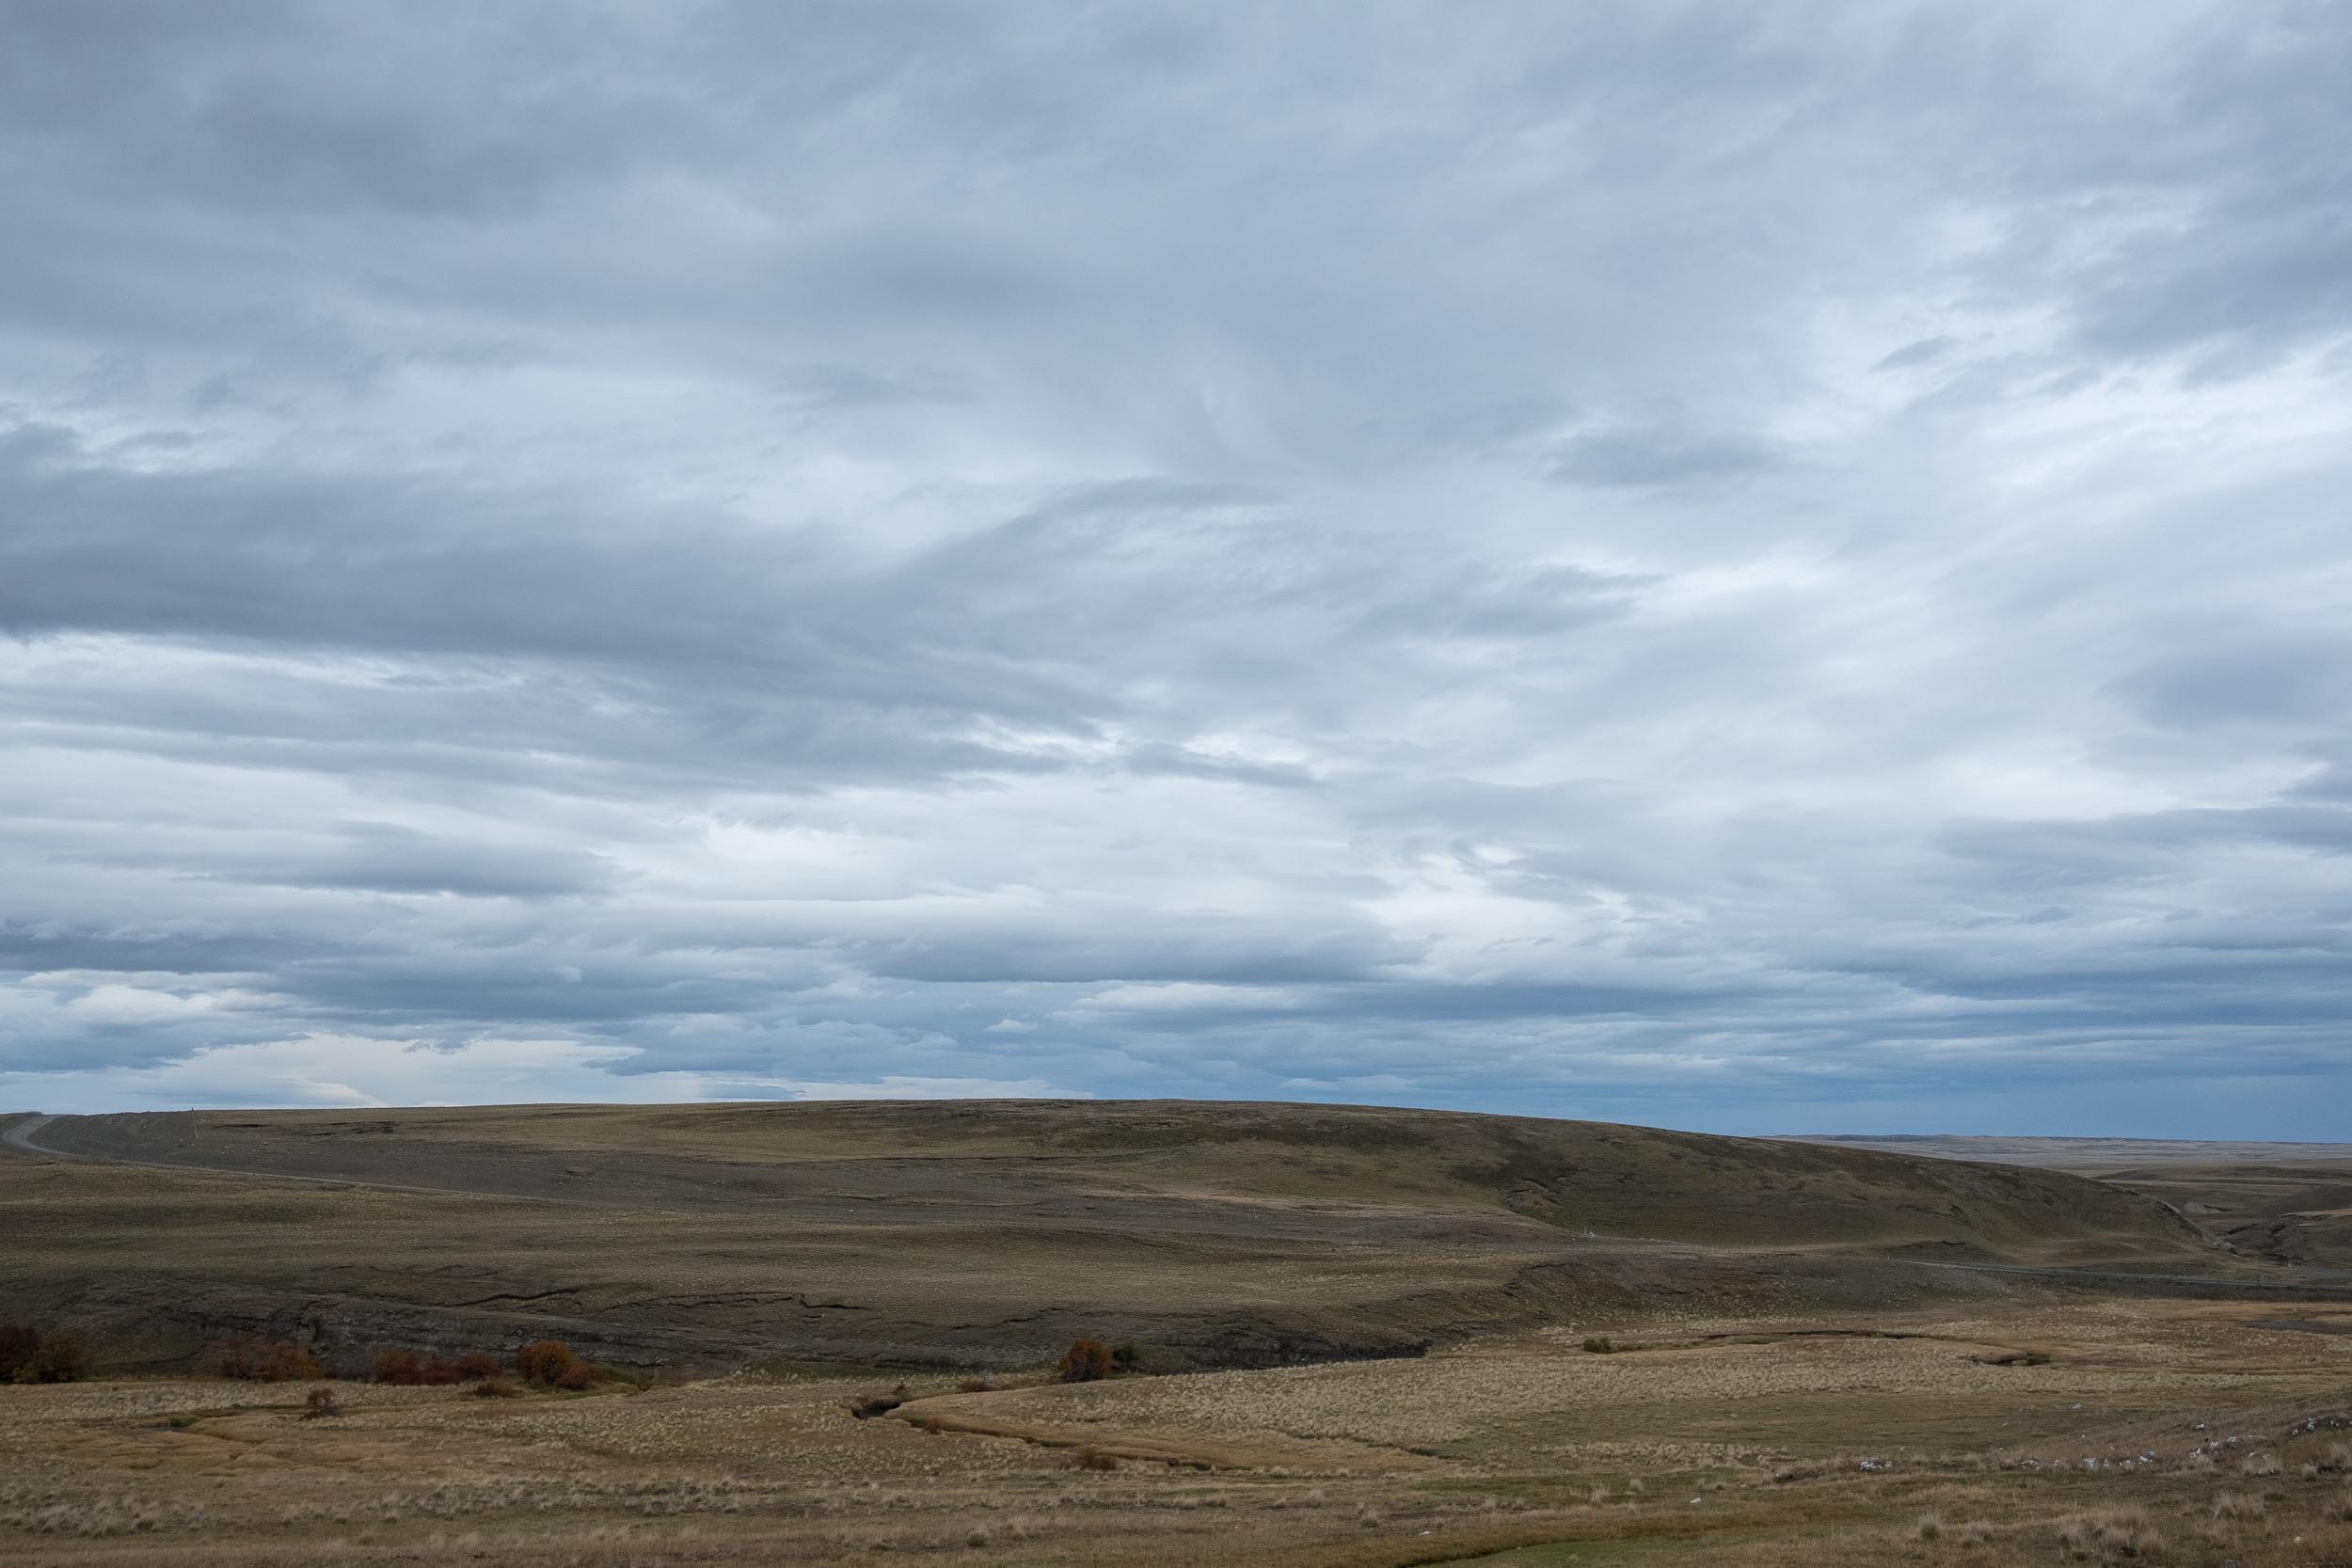 RN 40  / Patagonie, Argentine.  ©2017 Florian Zellweger